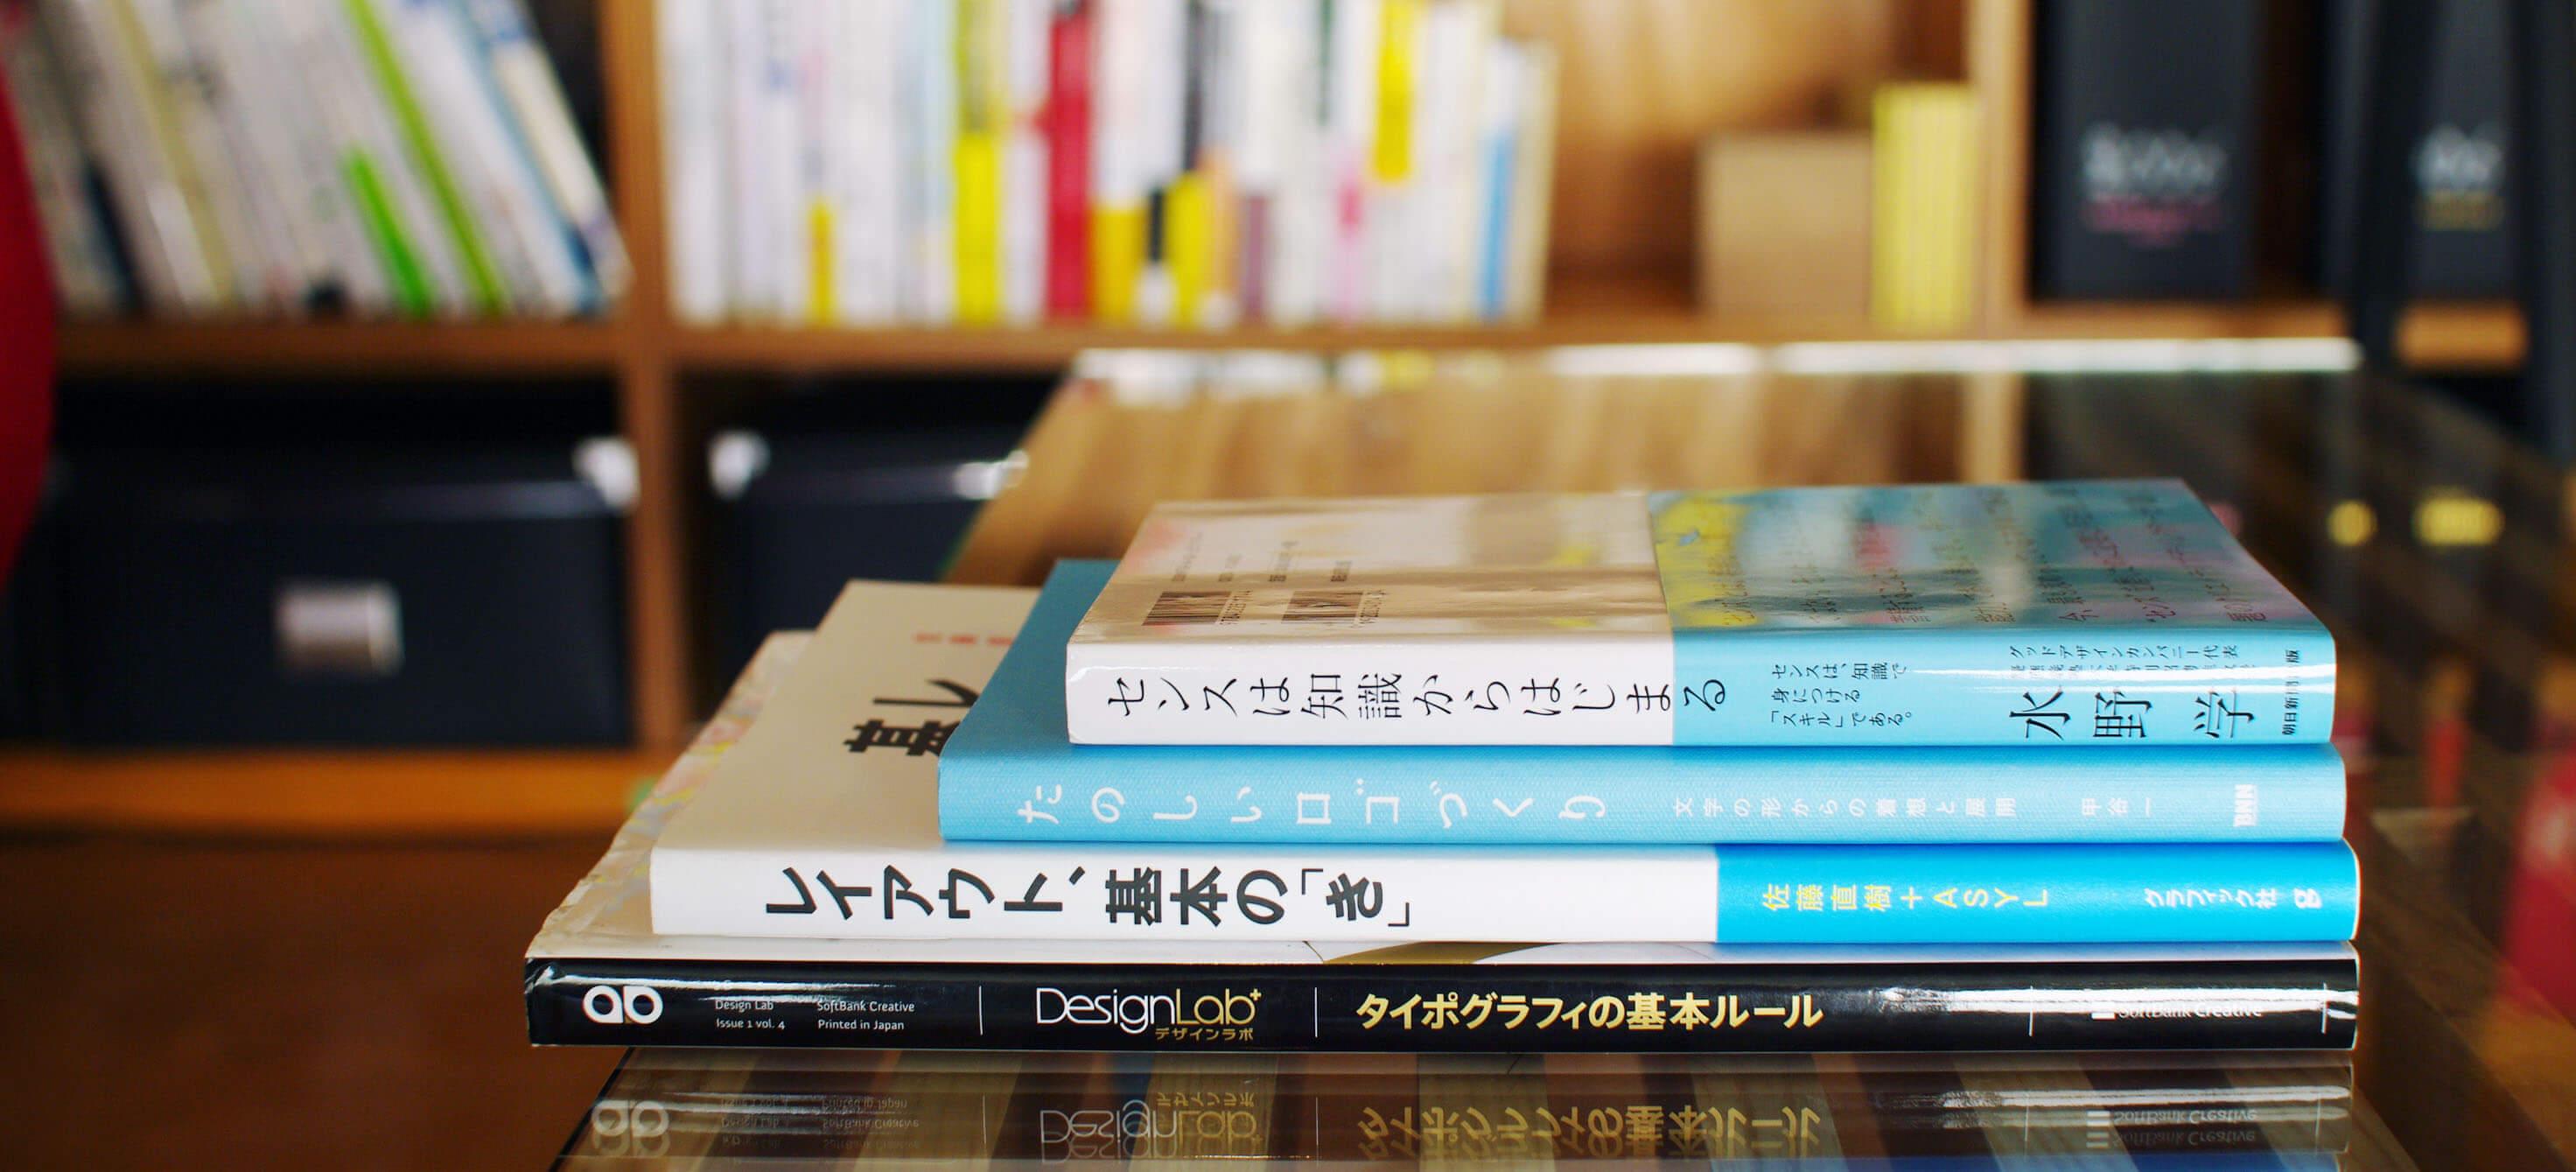 デザイナー志望・初心者必読!デザインに大切な基礎が身につく本まとめ